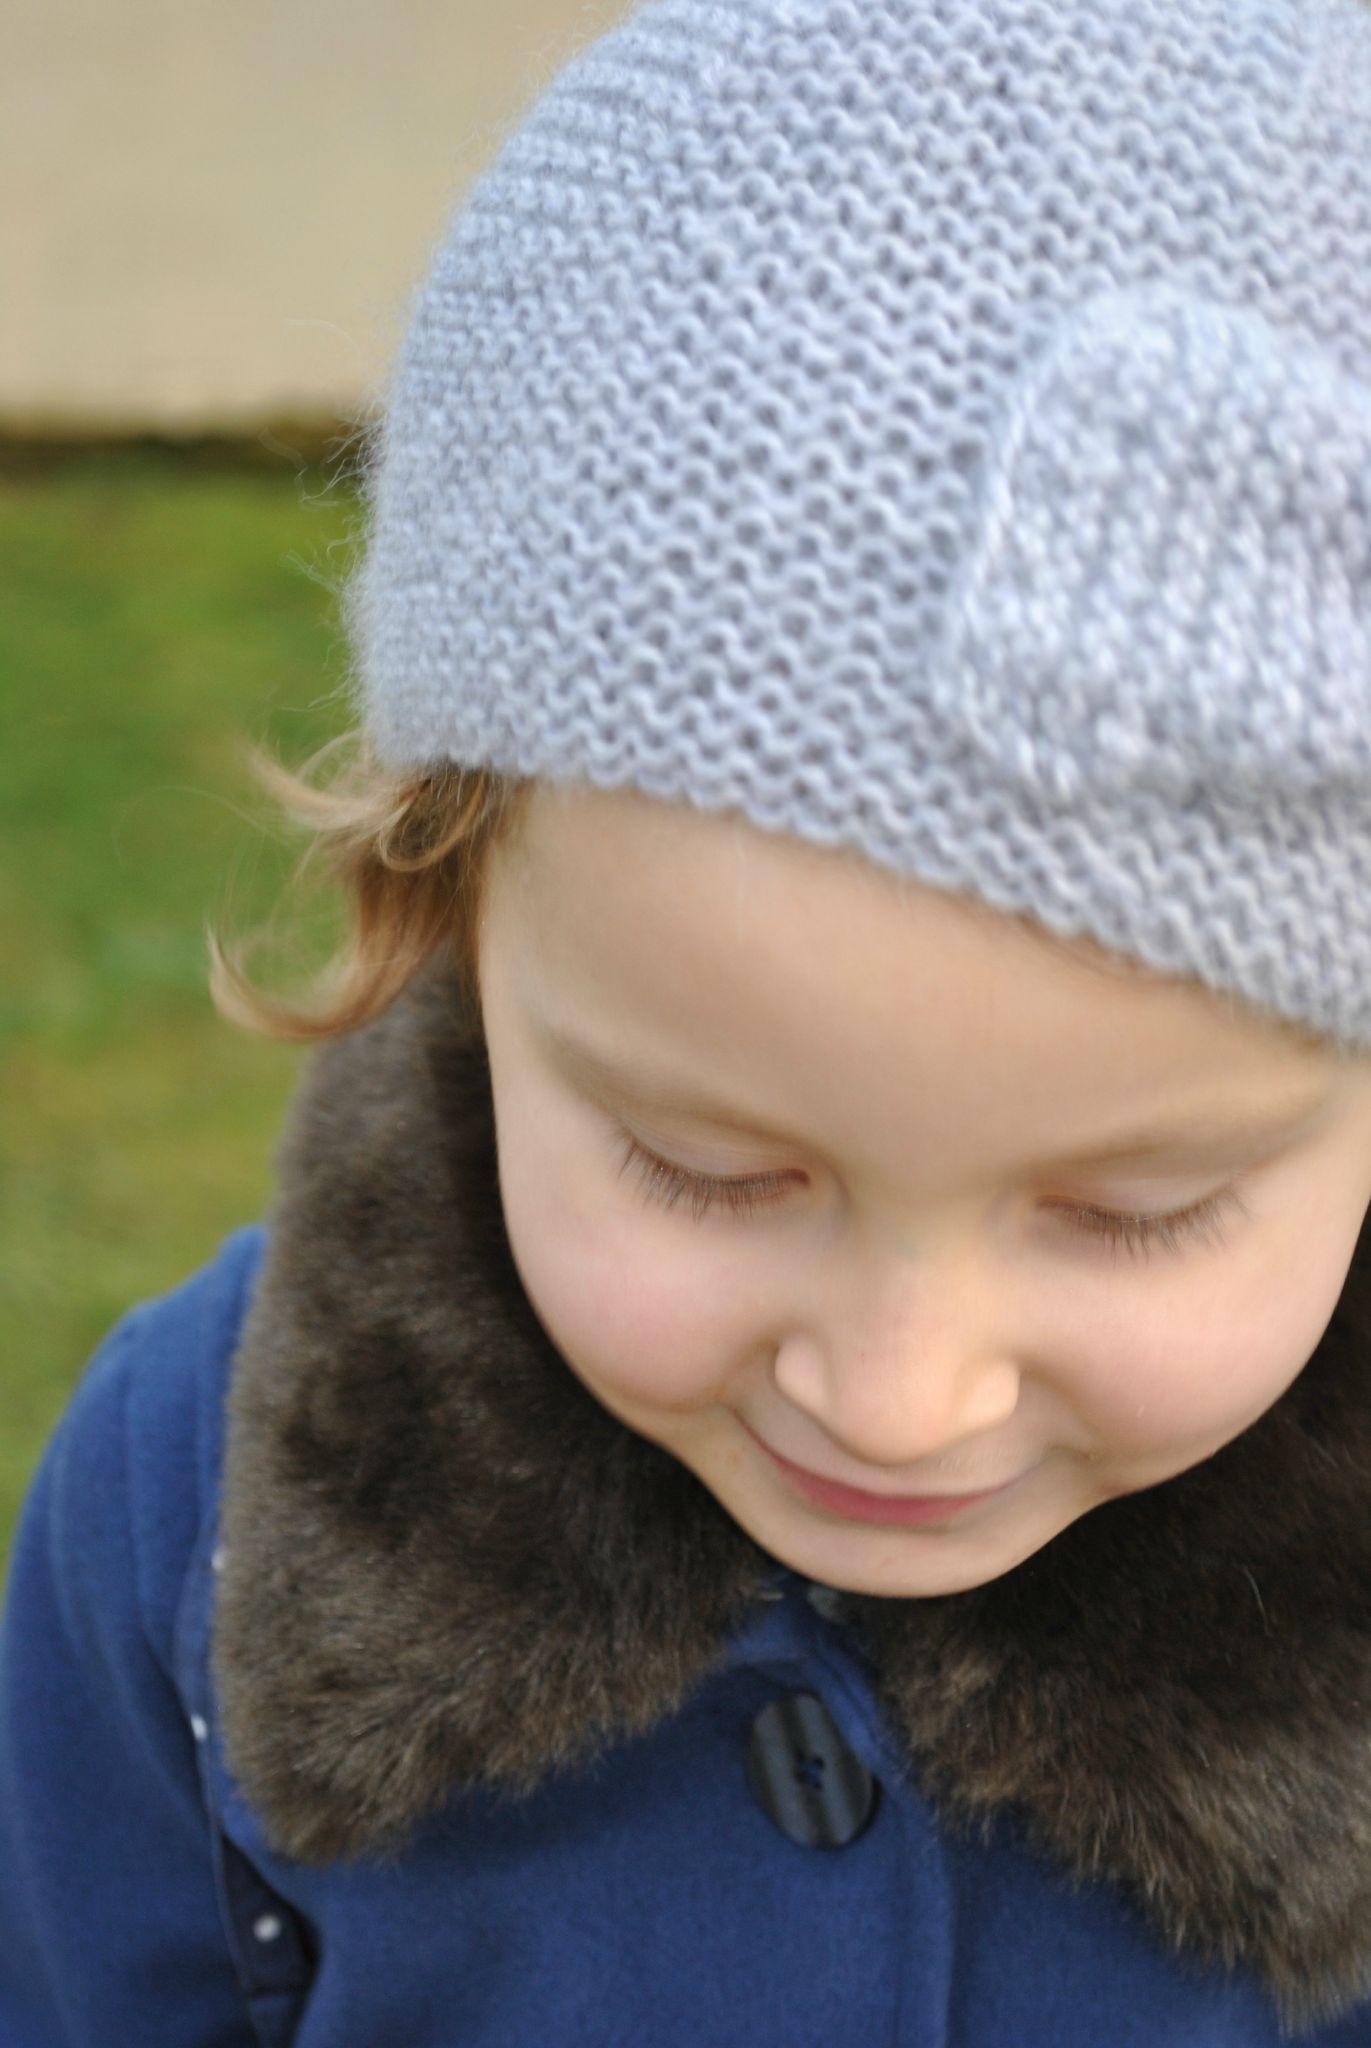 DSC 0125 Bonnet, Creations, Crochet, Tricot, Canteen, Chrochet, Ganchillo,  Hand 89dc9b31a7a